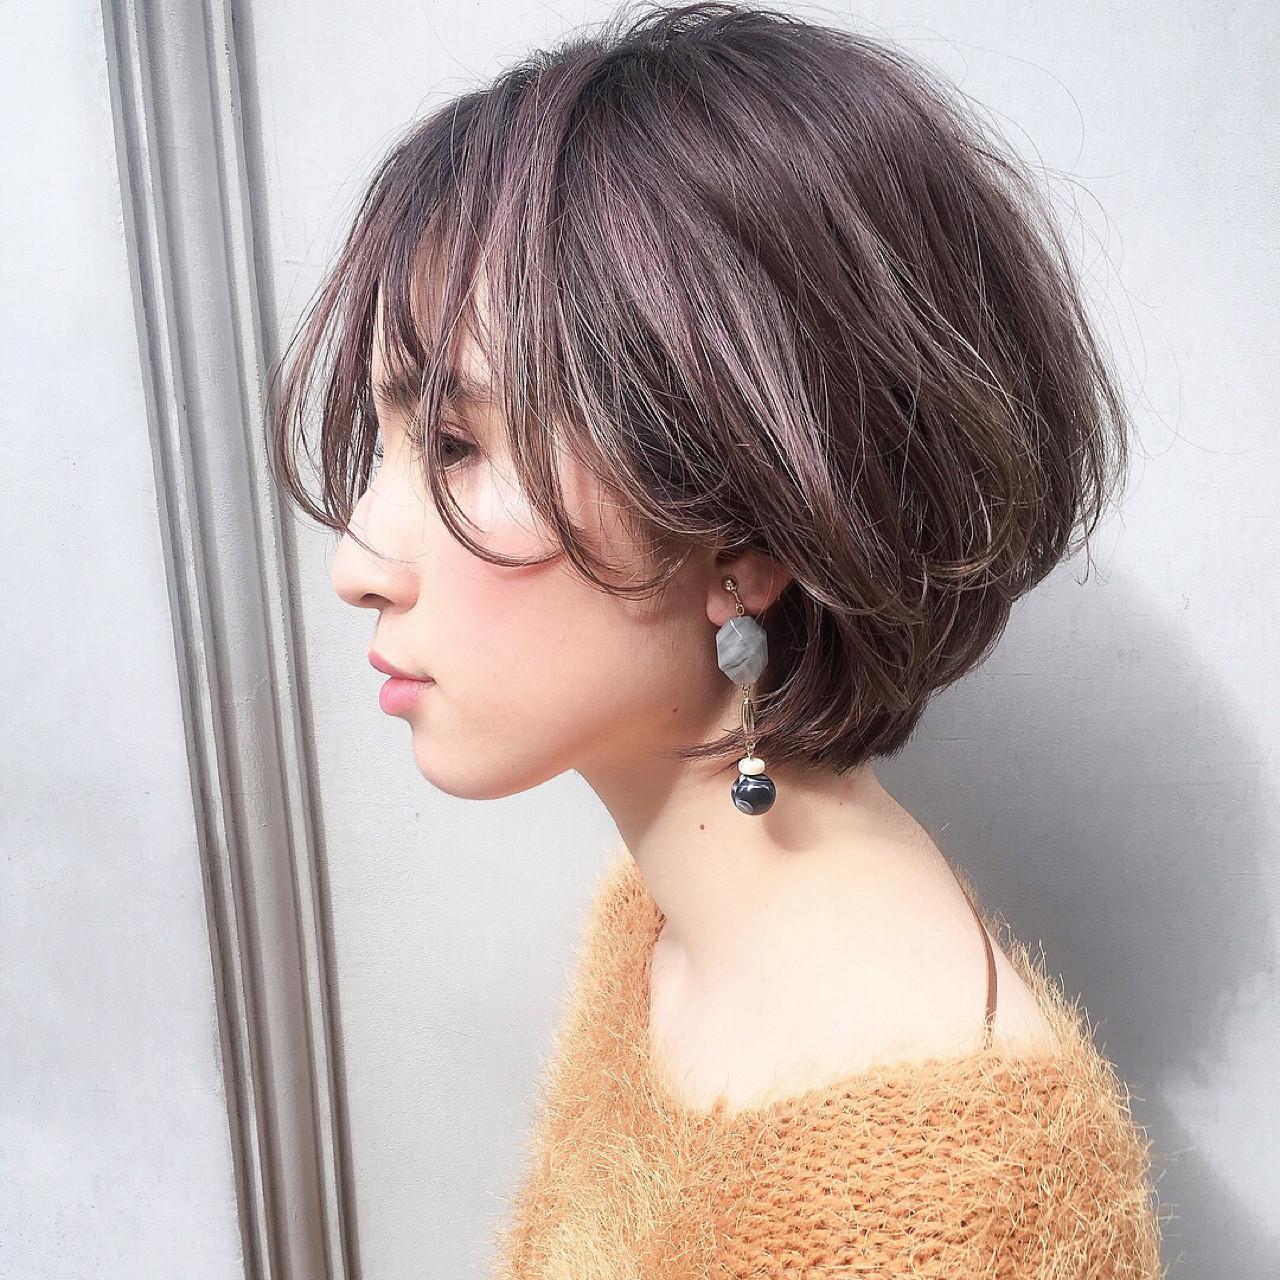 アンニュイ ヘアアレンジ 大人かわいい ボブ ヘアスタイルや髪型の写真・画像 | ショートボブの匠【 山内大成 】『i.hair』 / 『 i. 』 omotesando